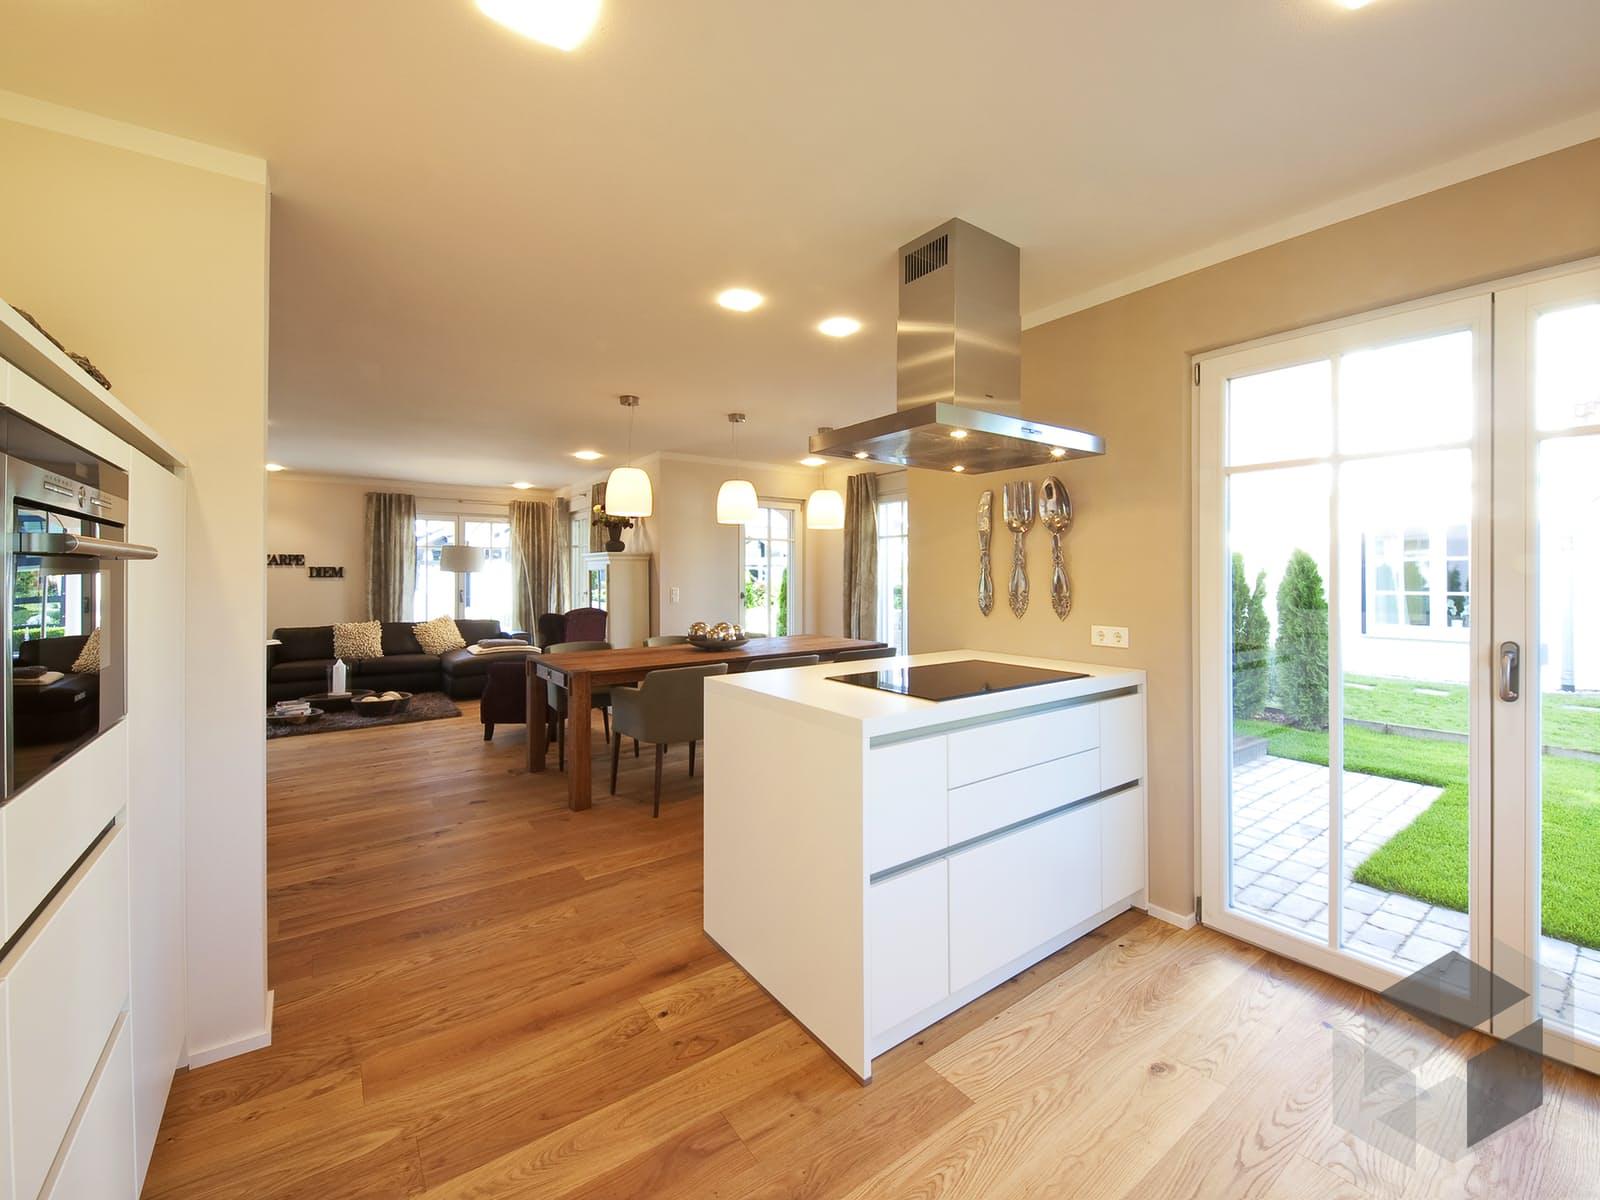 haas mh poing 187 von haas haus komplette daten bersicht. Black Bedroom Furniture Sets. Home Design Ideas